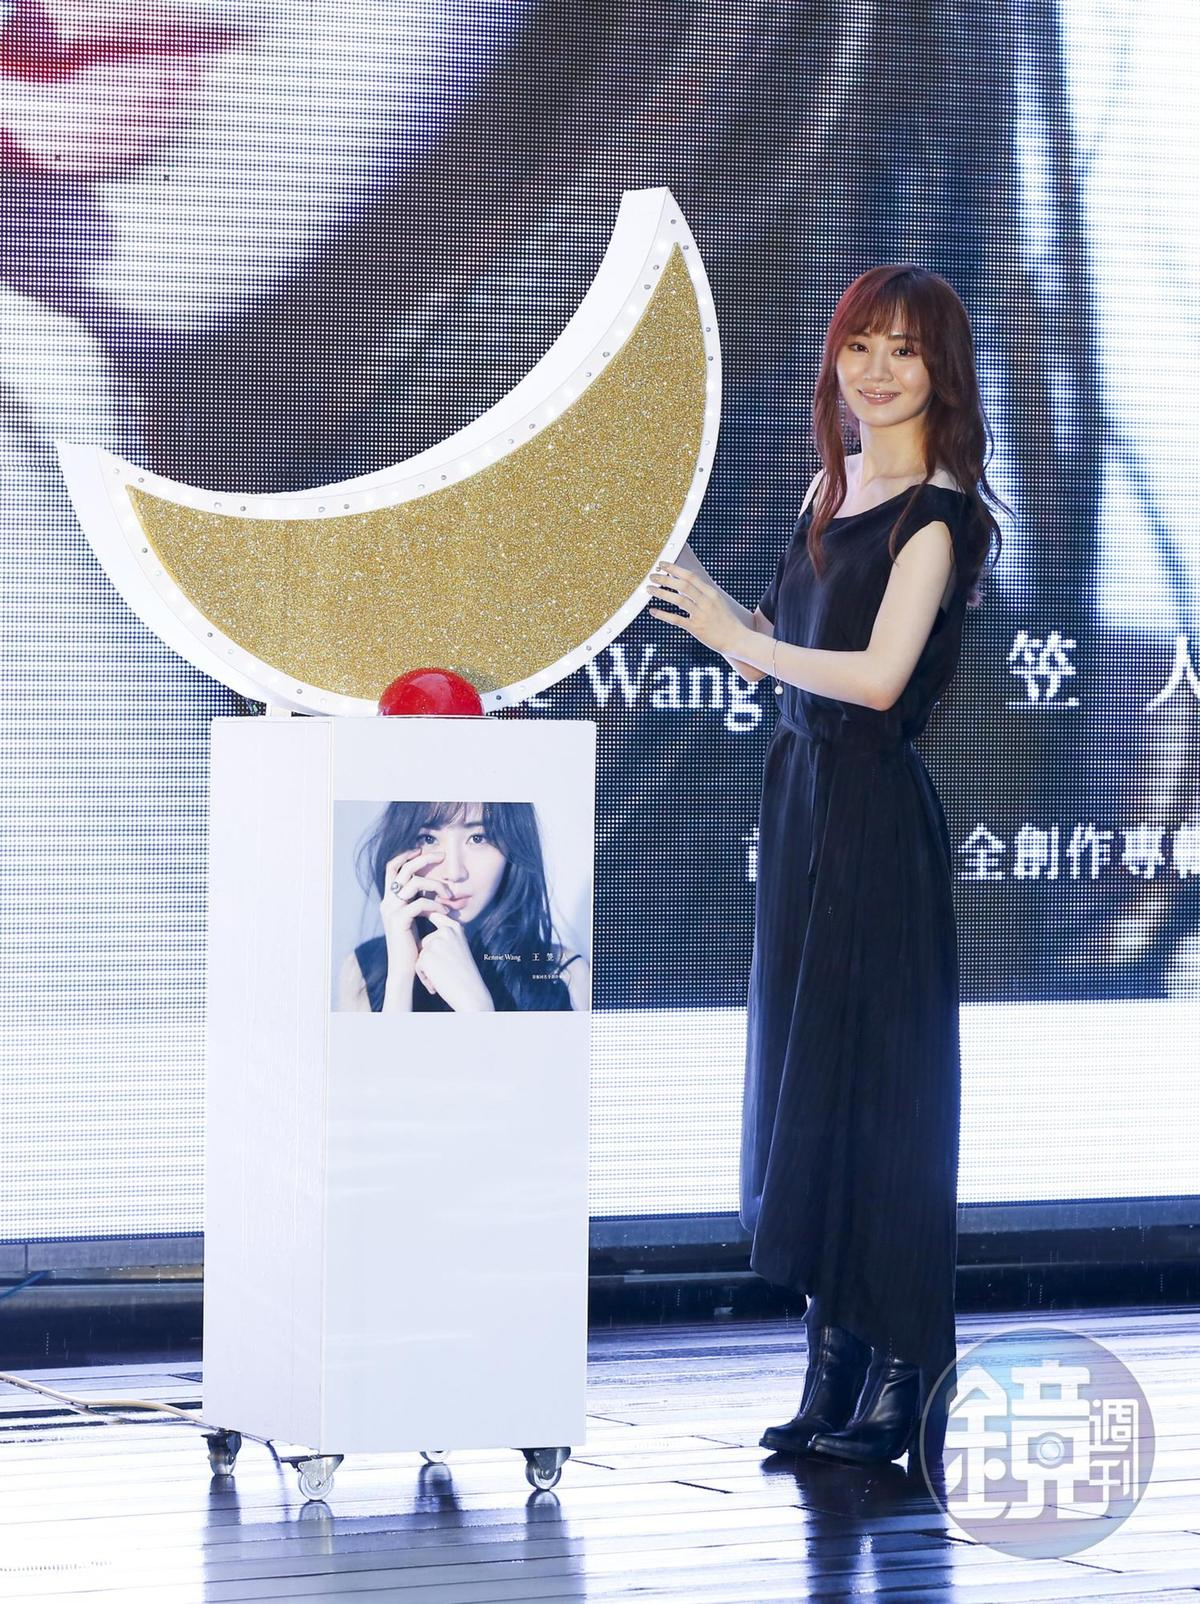 被唱片公司封為最強祕密武器的王笠人舉辦MV首映會,培訓3年終於推出個人專輯。